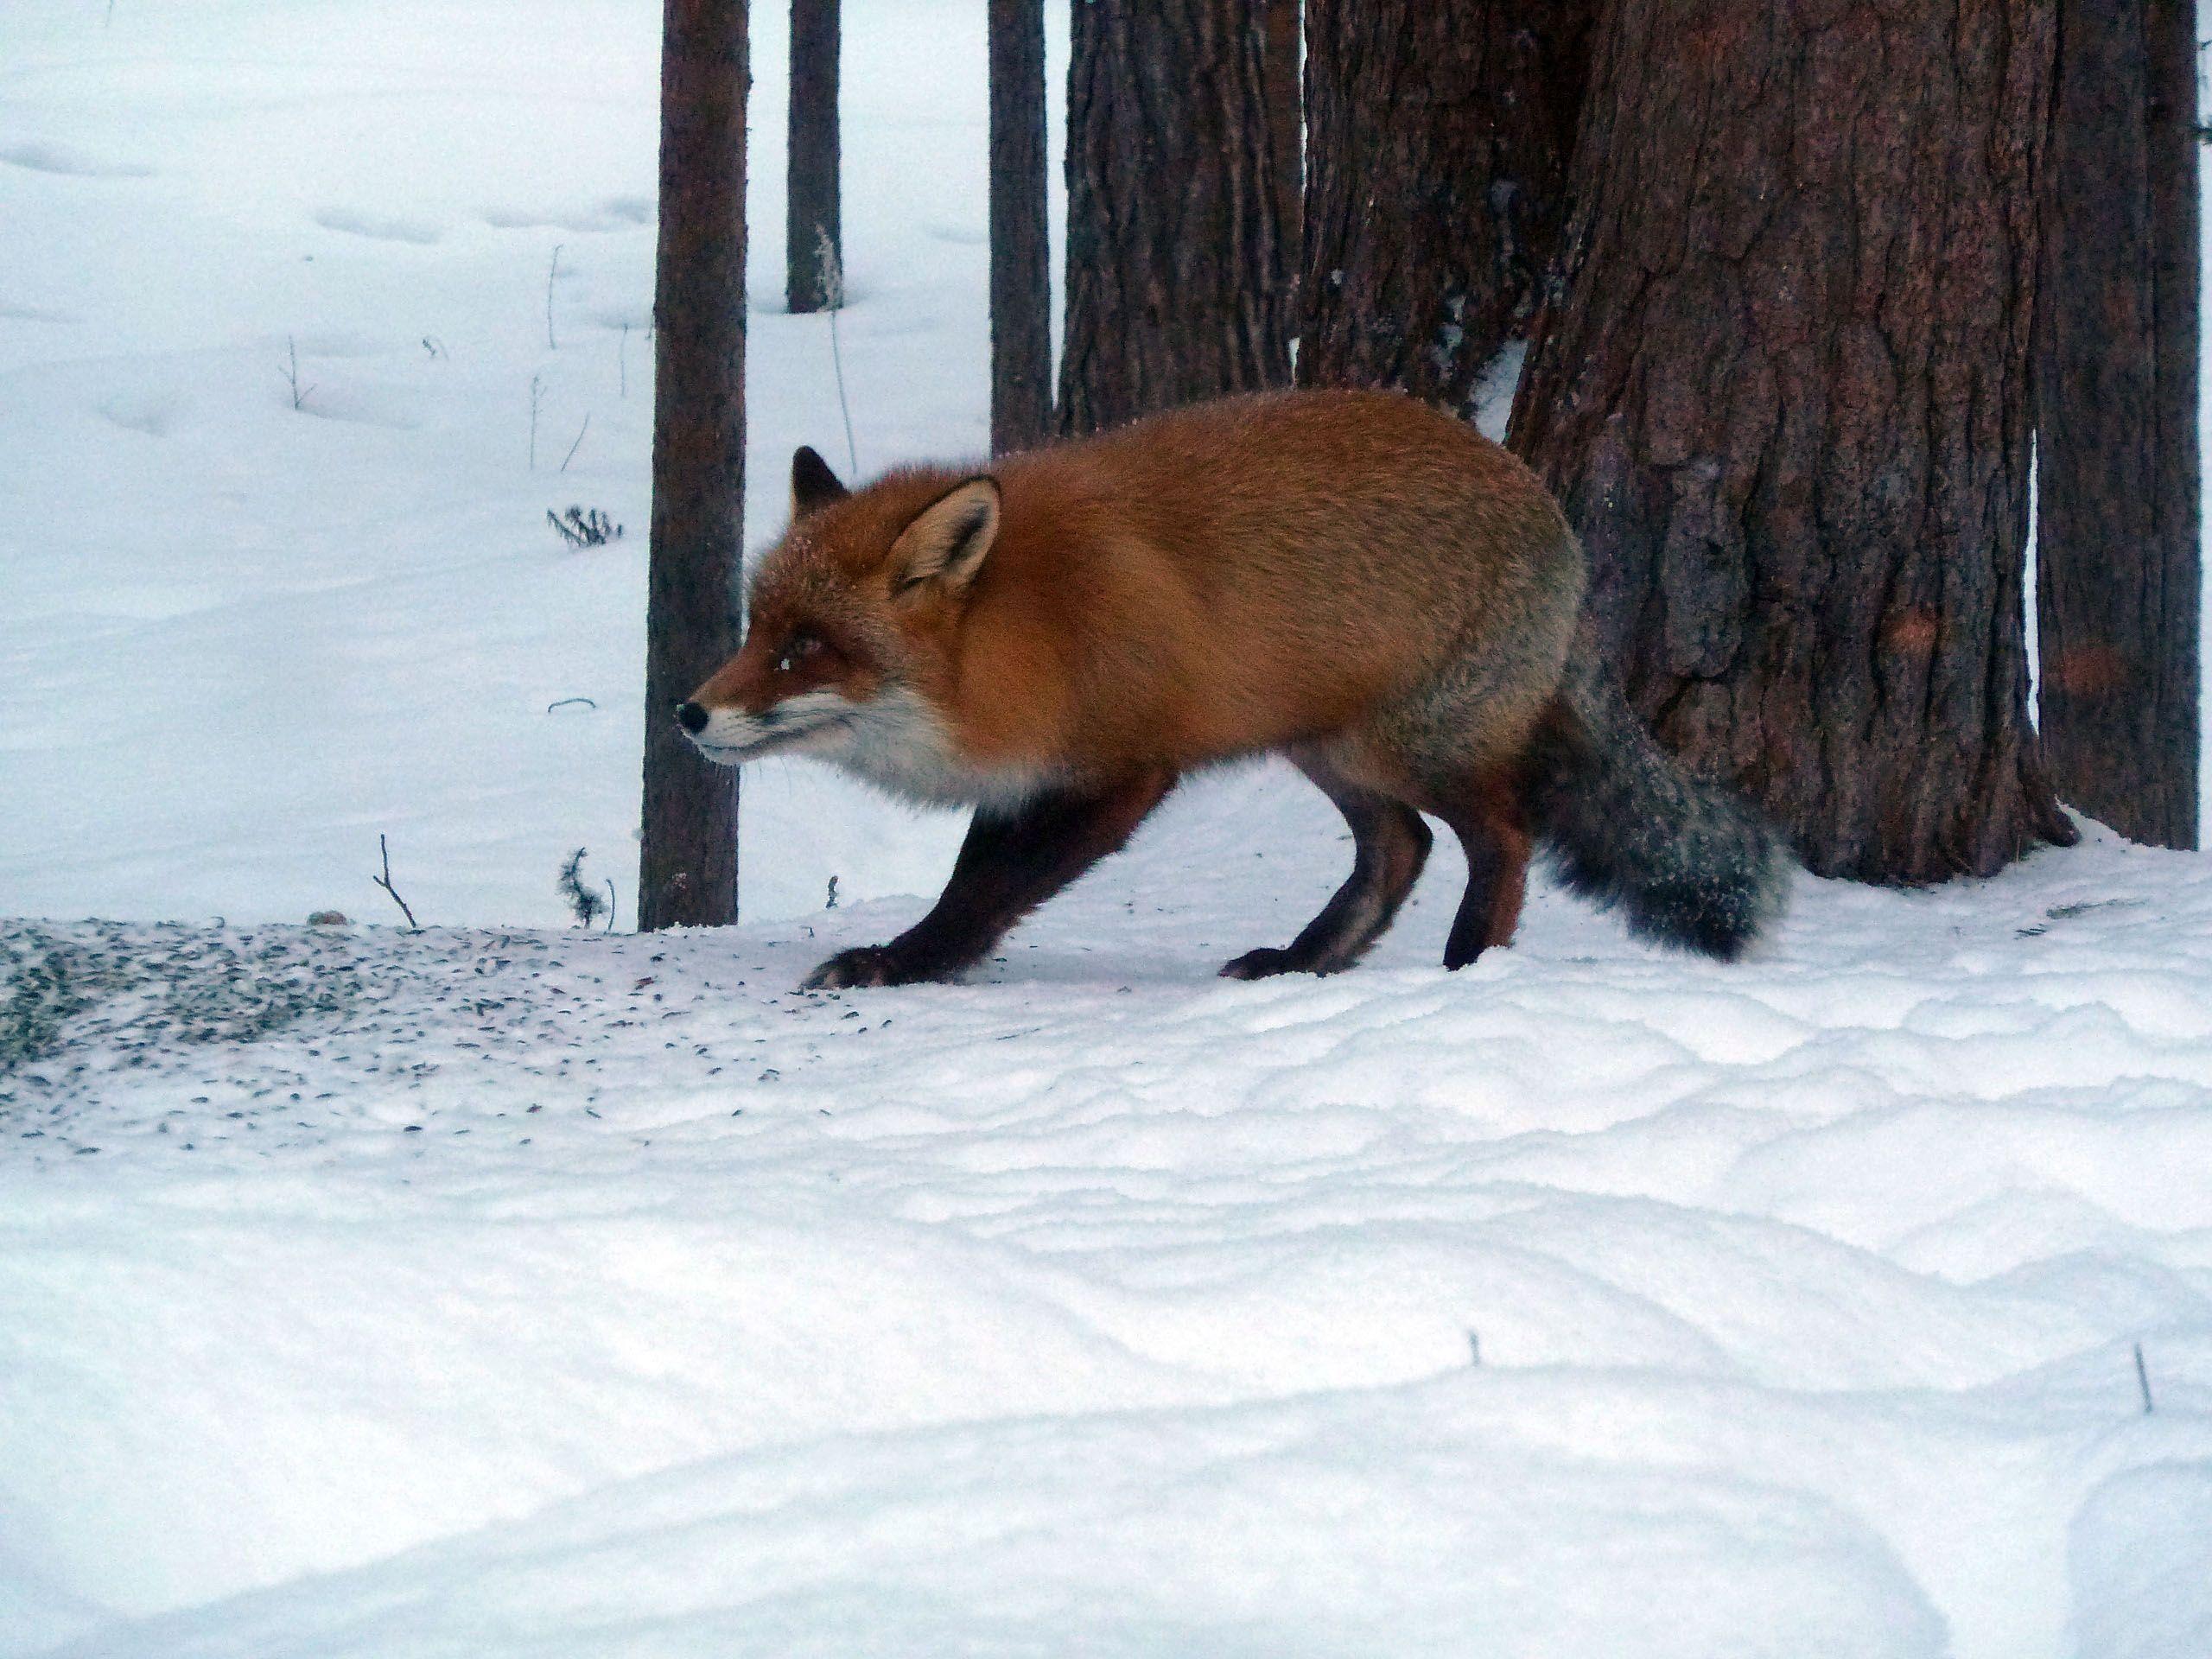 Kettu käy päivittäin kurkkimassa melkein ikkunasta sisään. Luonnon ja eläinten seuraaminen lataa akkuja ja herättää usein myös uusia ideoita. https://www.facebook.com/pages/JUSSAKKA-Oda-K/173696896121402 #luonto #nature #Lappi #Lapland